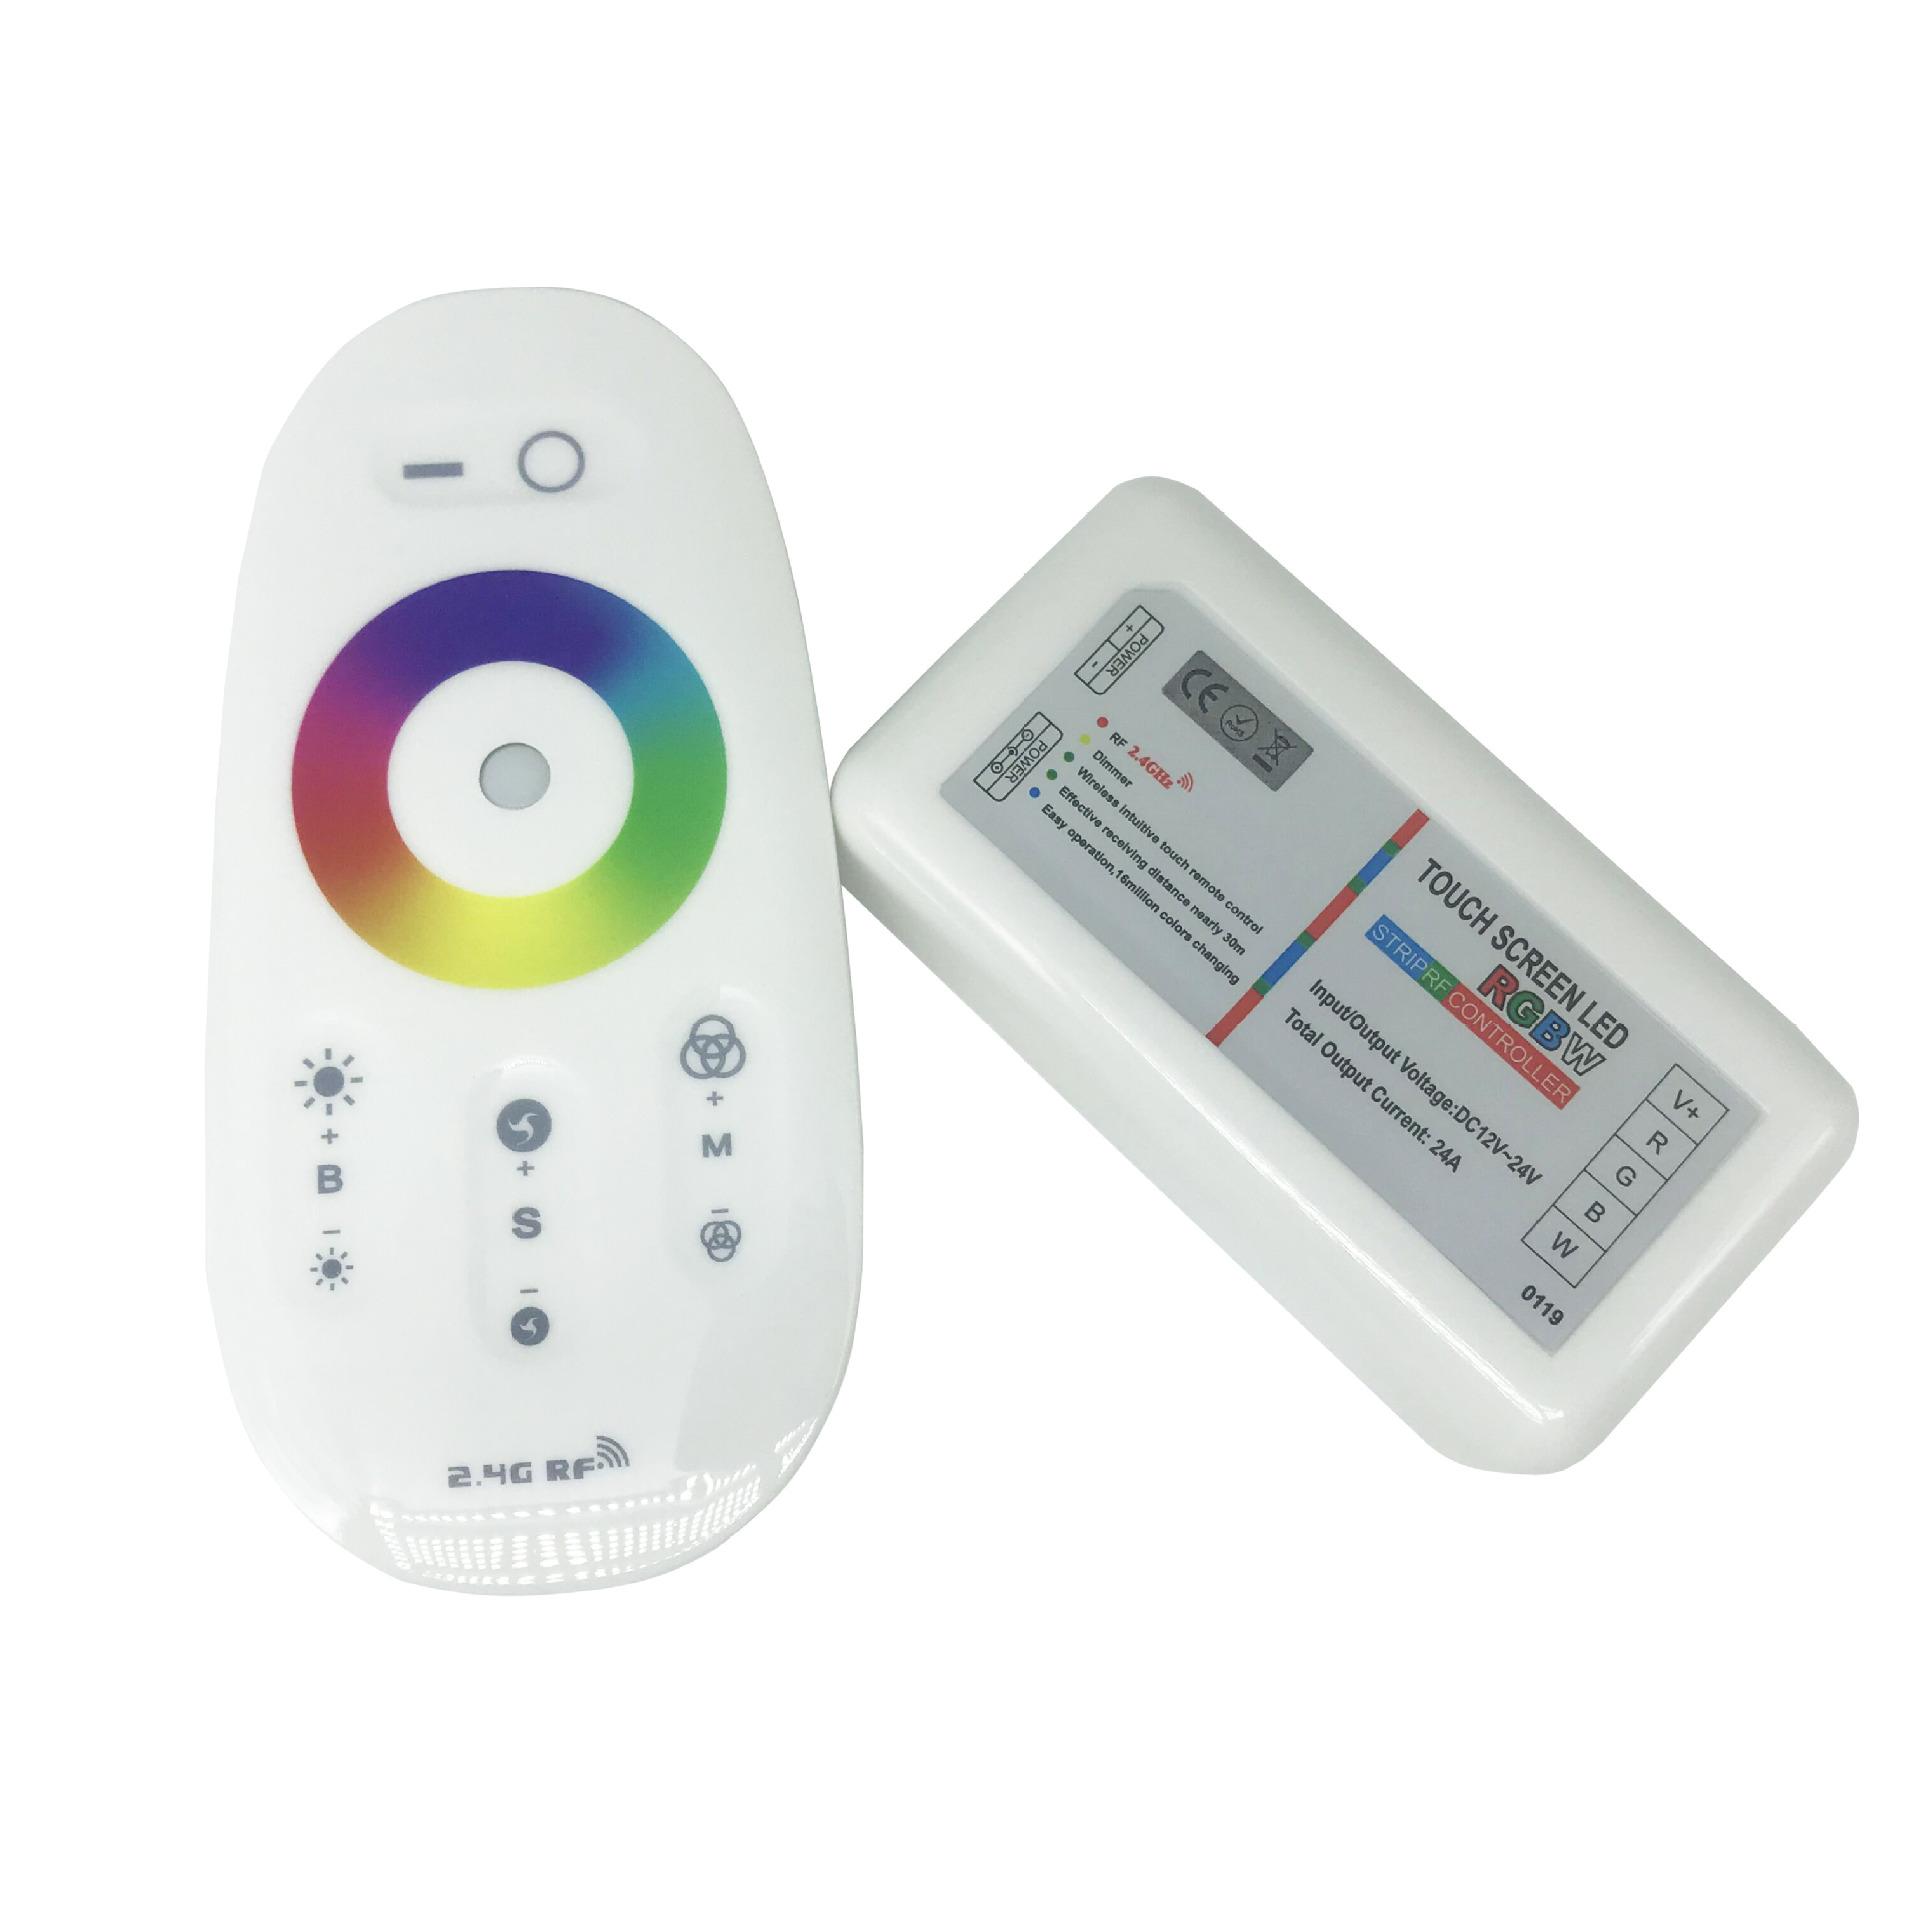 MLING Thiết bị điều chỉnh màu Bộ điều khiển cảm ứng 2,4g LED thanh ánh sáng đầy màu sắc Bộ điều khiể